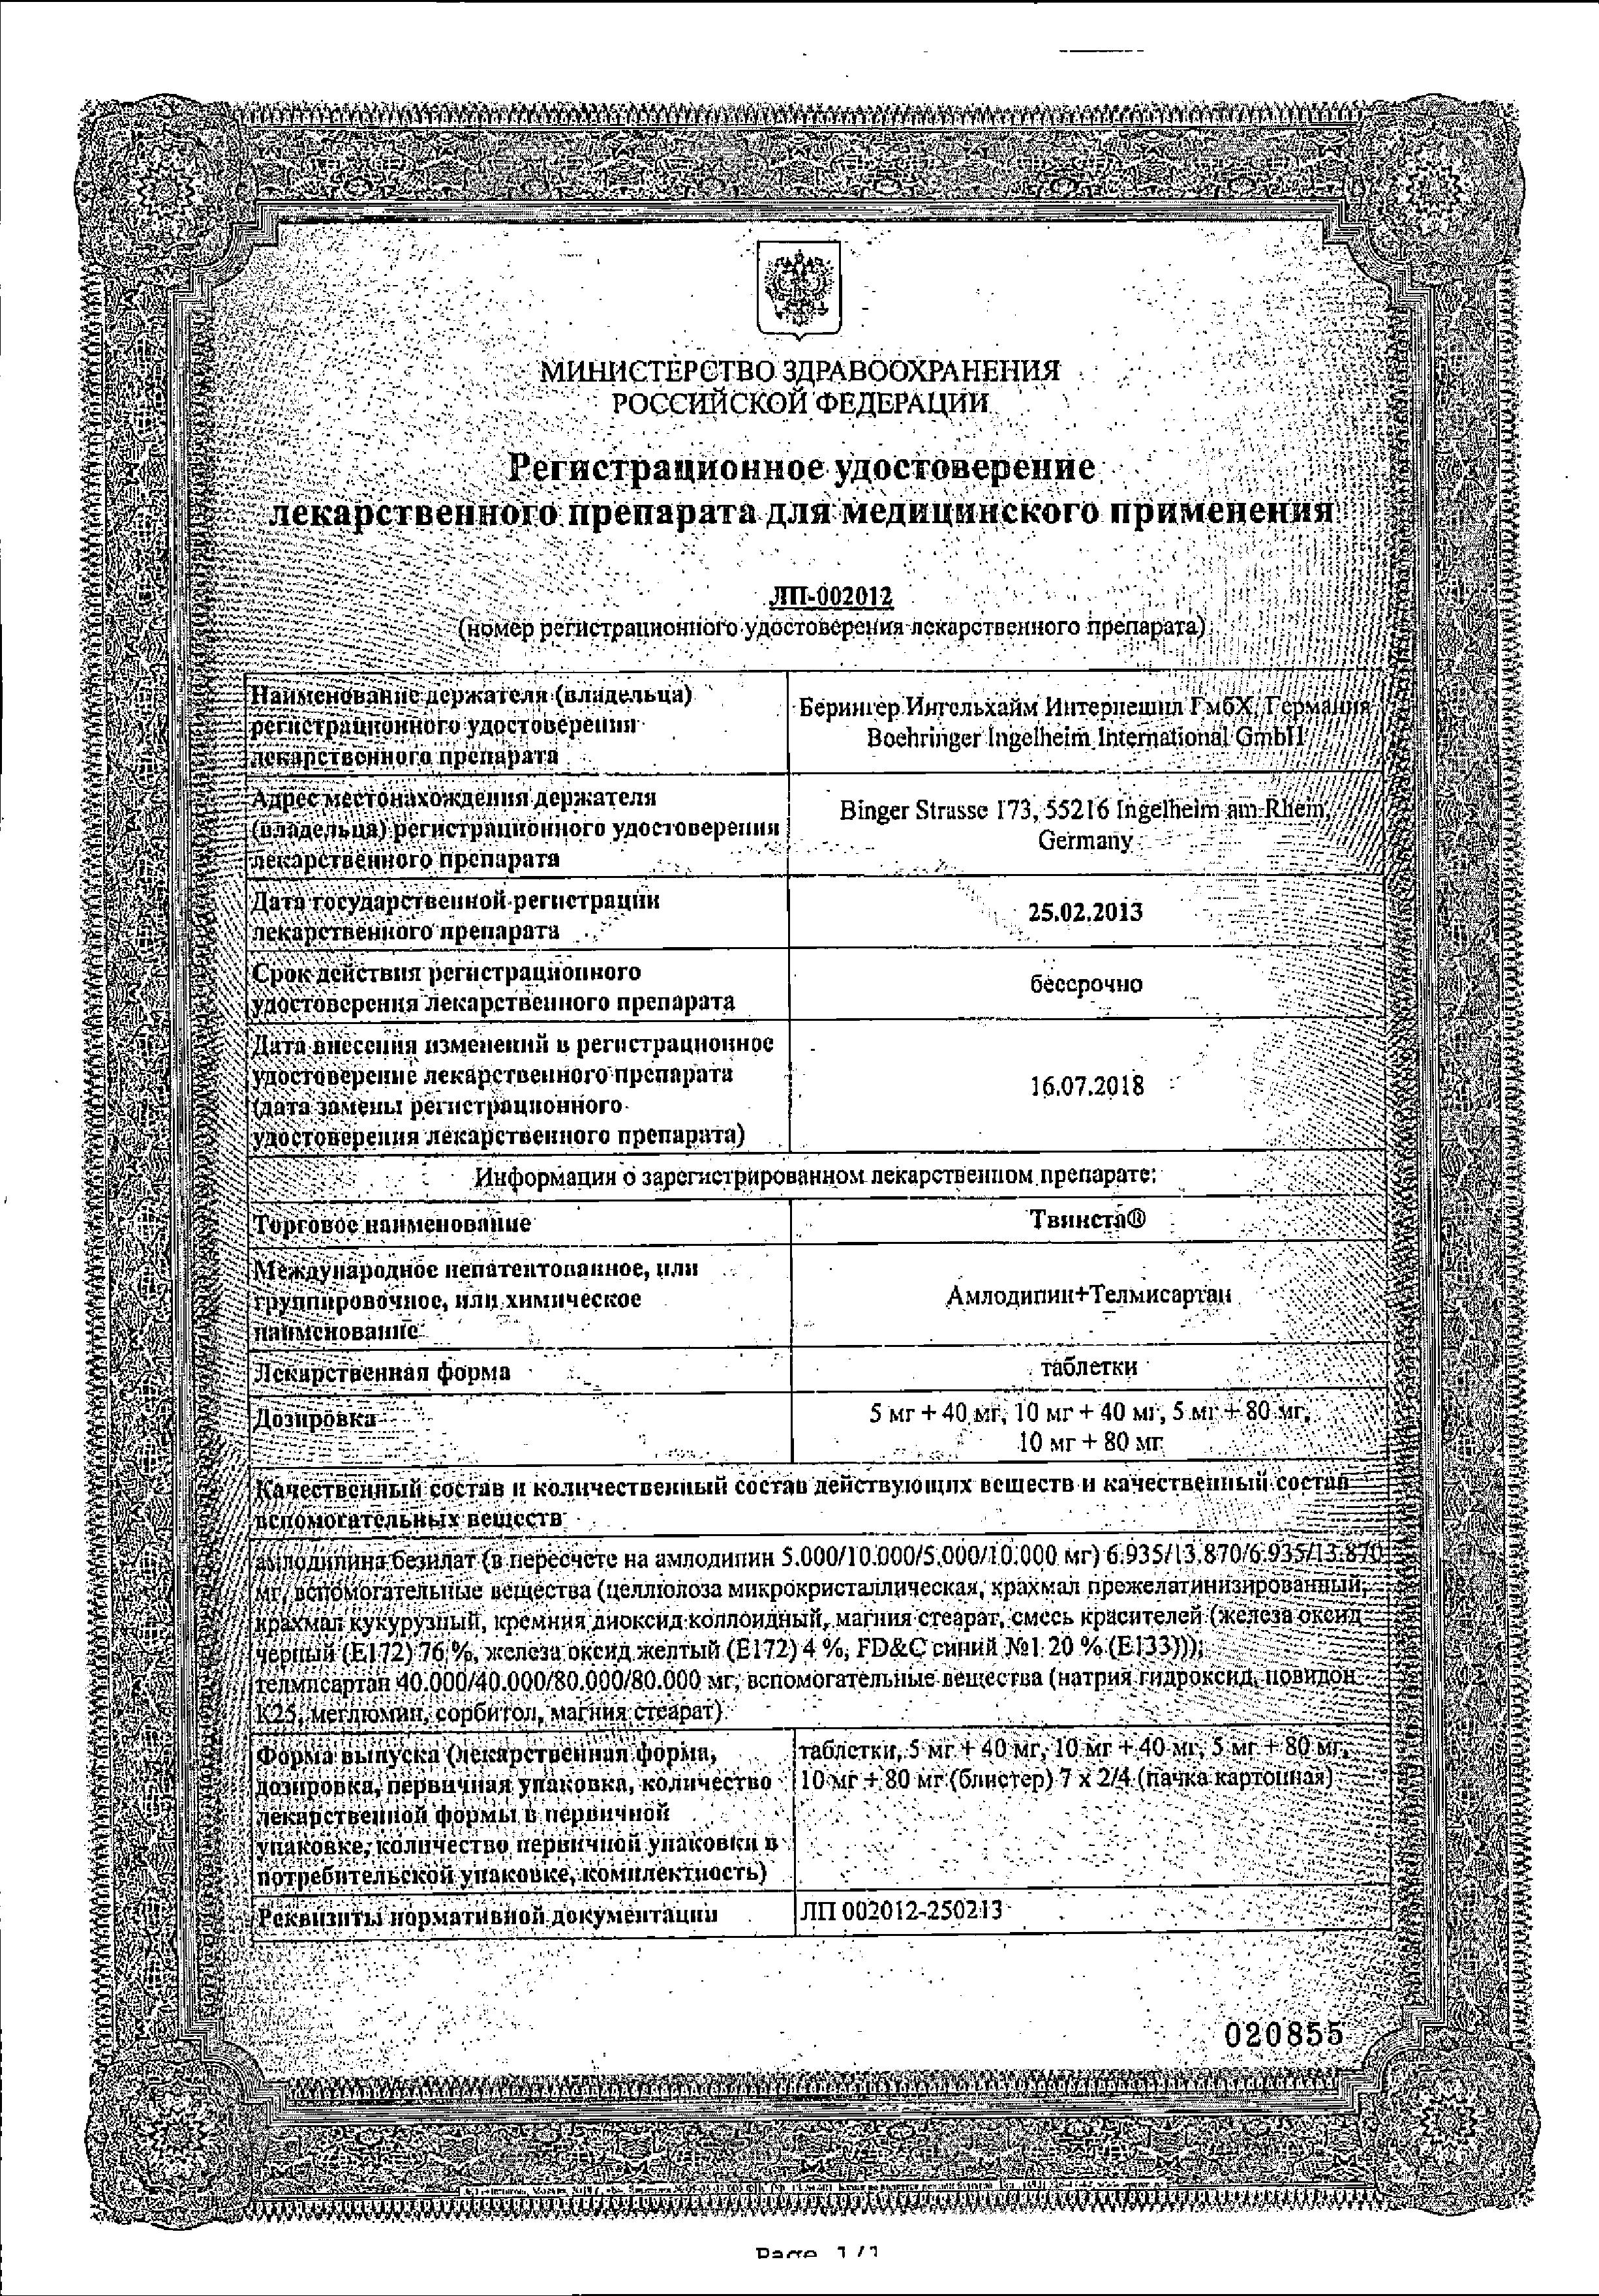 Твинста сертификат